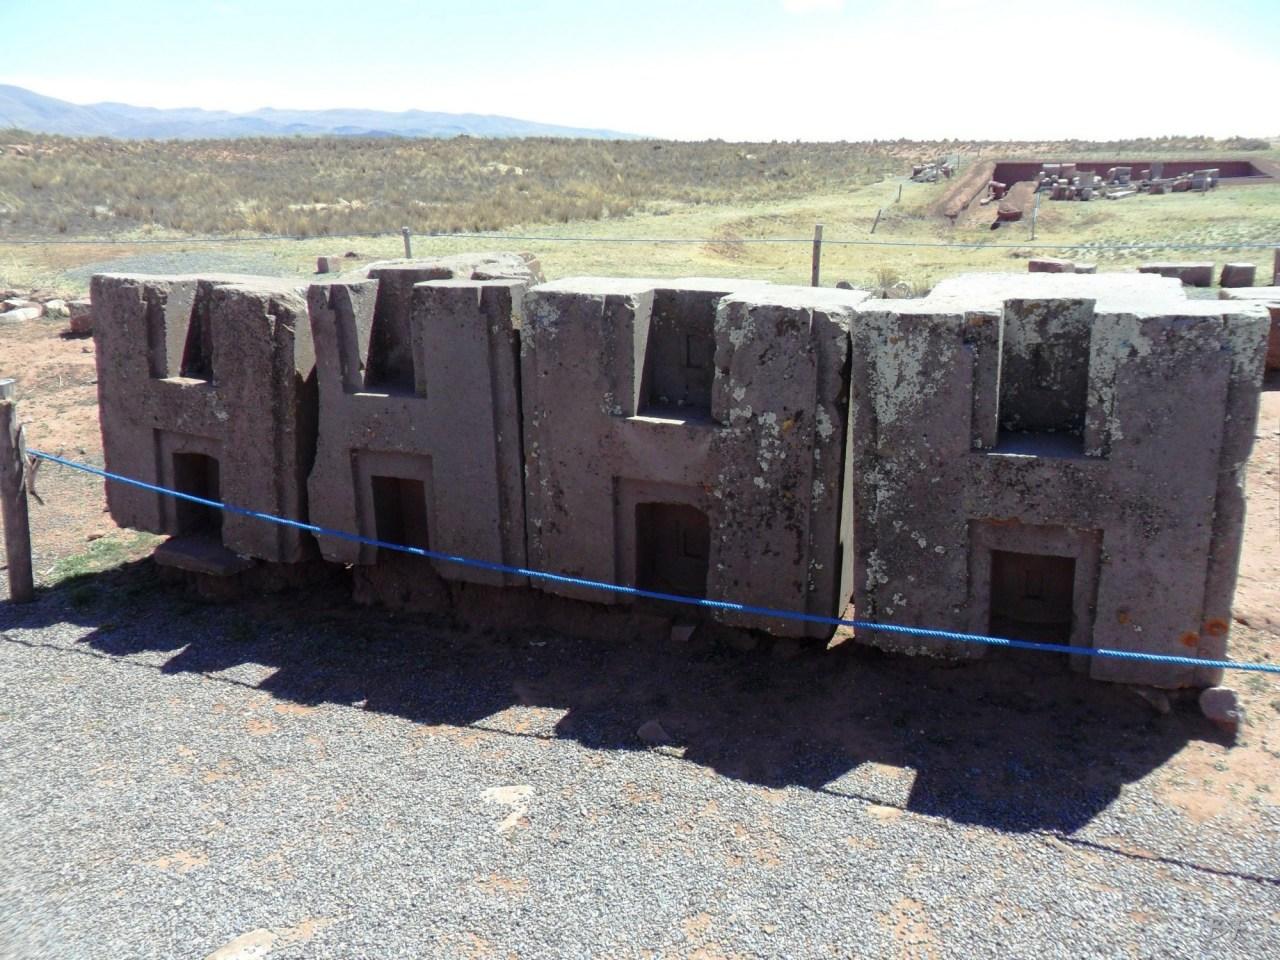 Puma-Punku-Area-Megalitica-Mura-Poligonali-Megaliti-Tiwanaku-Tiahuanaco-Bolivia-8